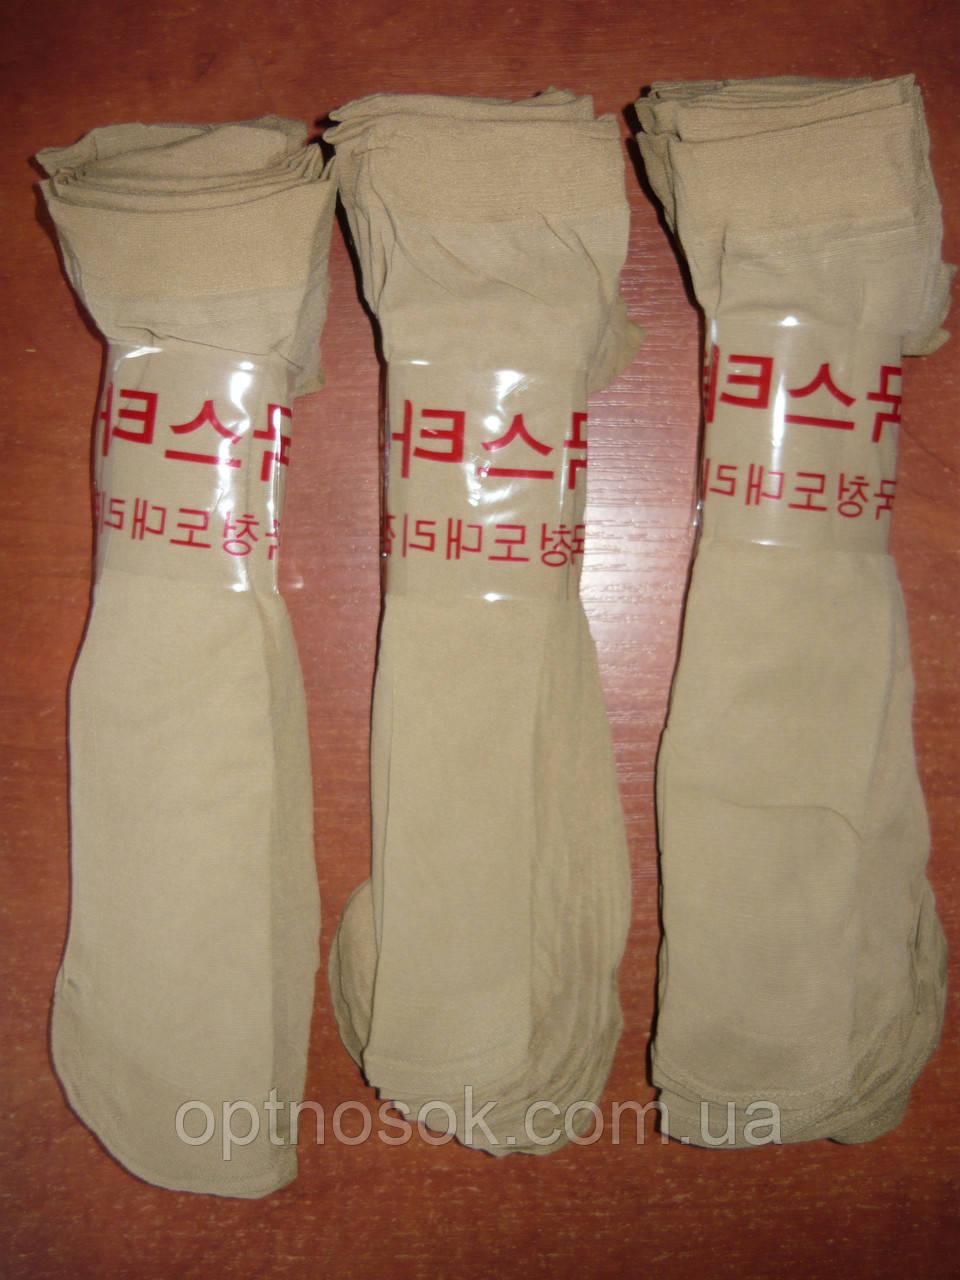 Капроновые женские носки. Без тормозов. Тон № 8. Беж светлый.